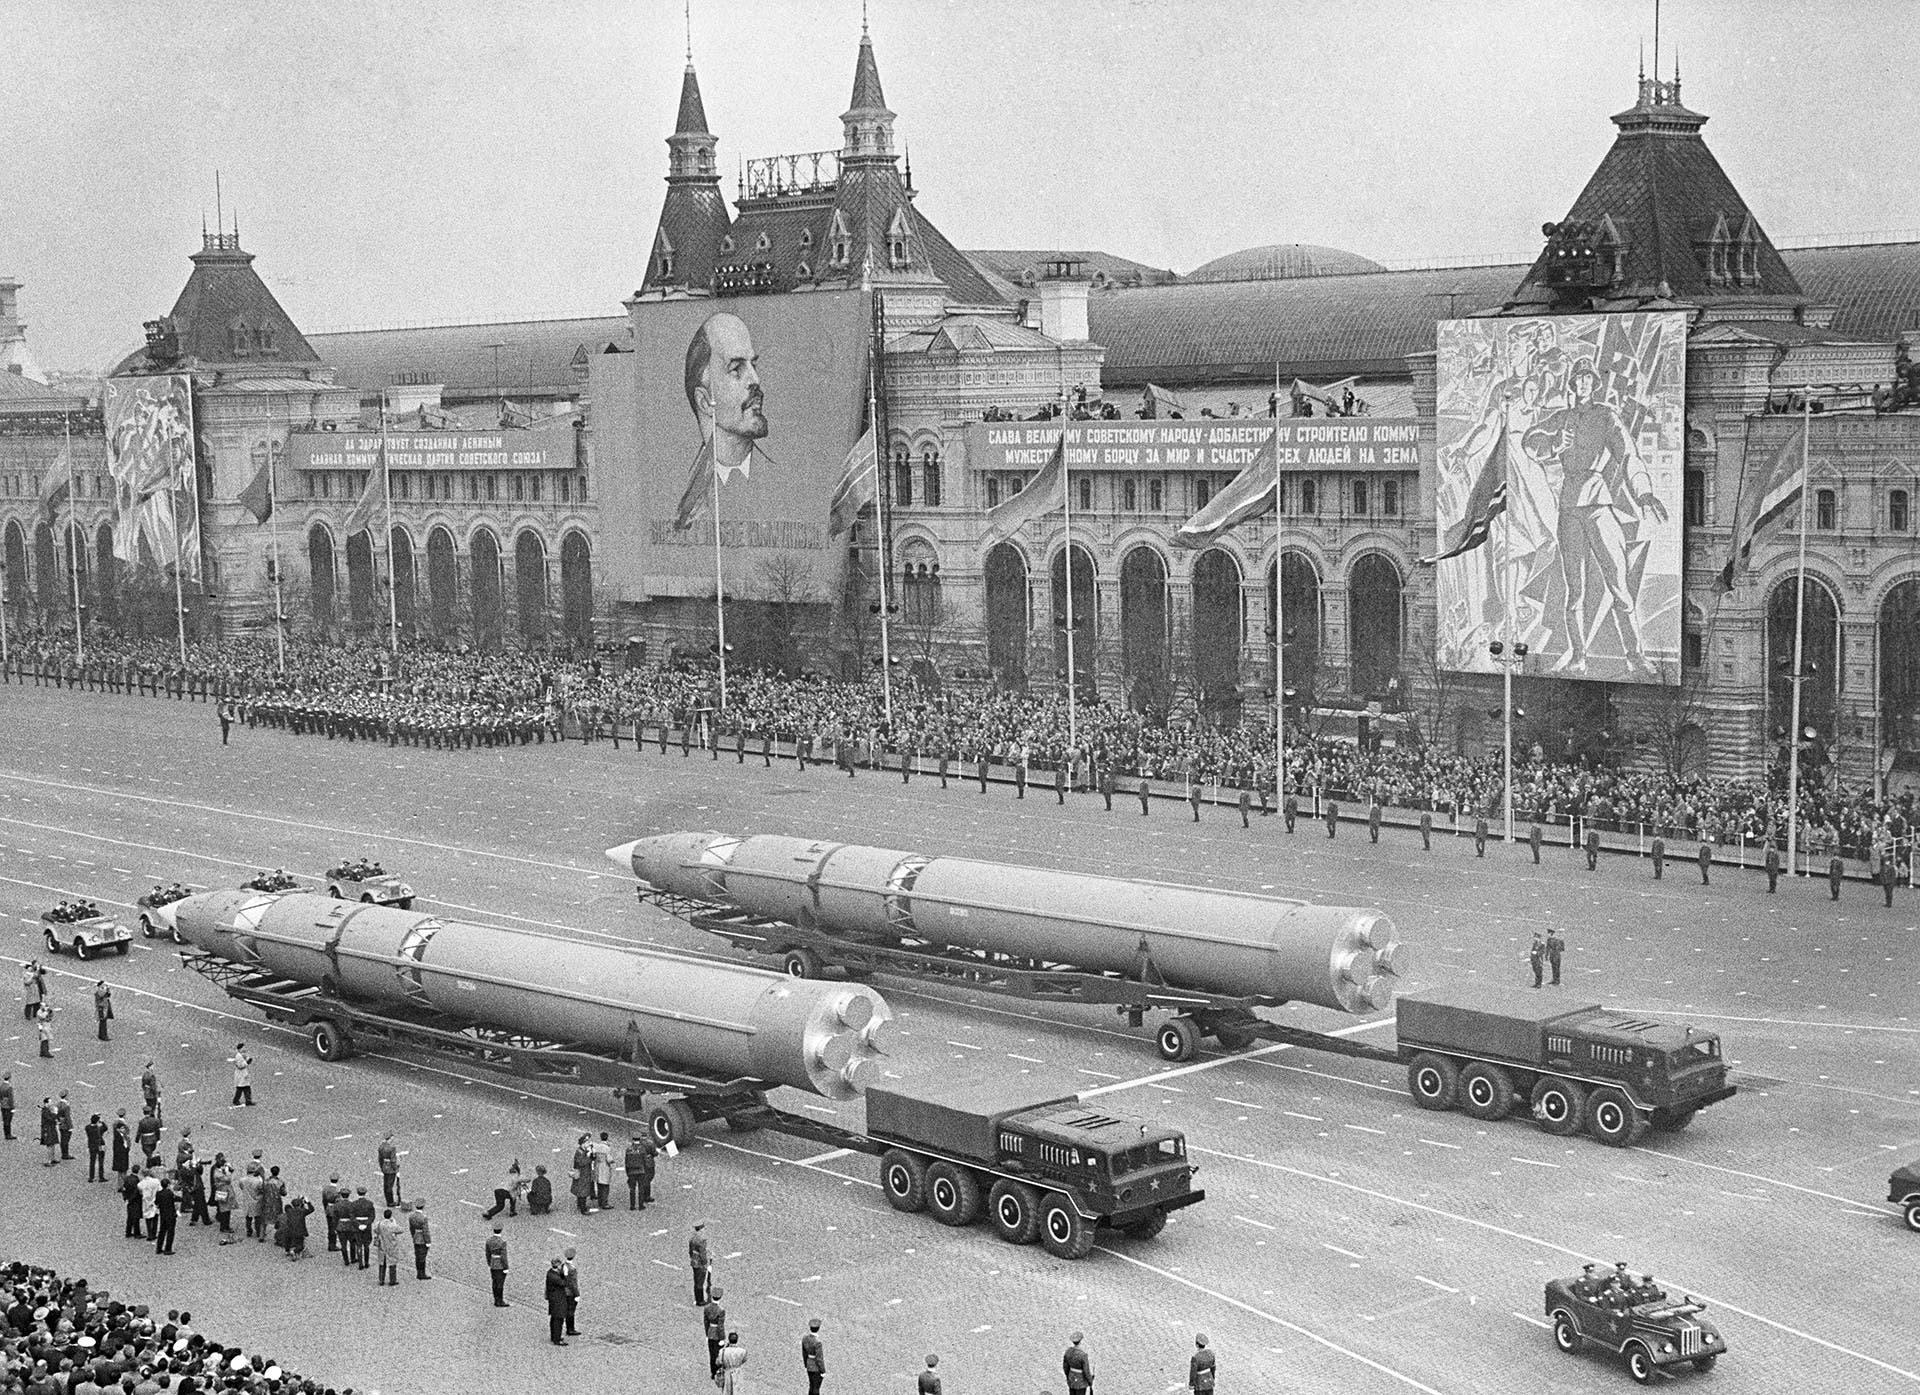 صورة لصواريخ سوفيتية عملاقة